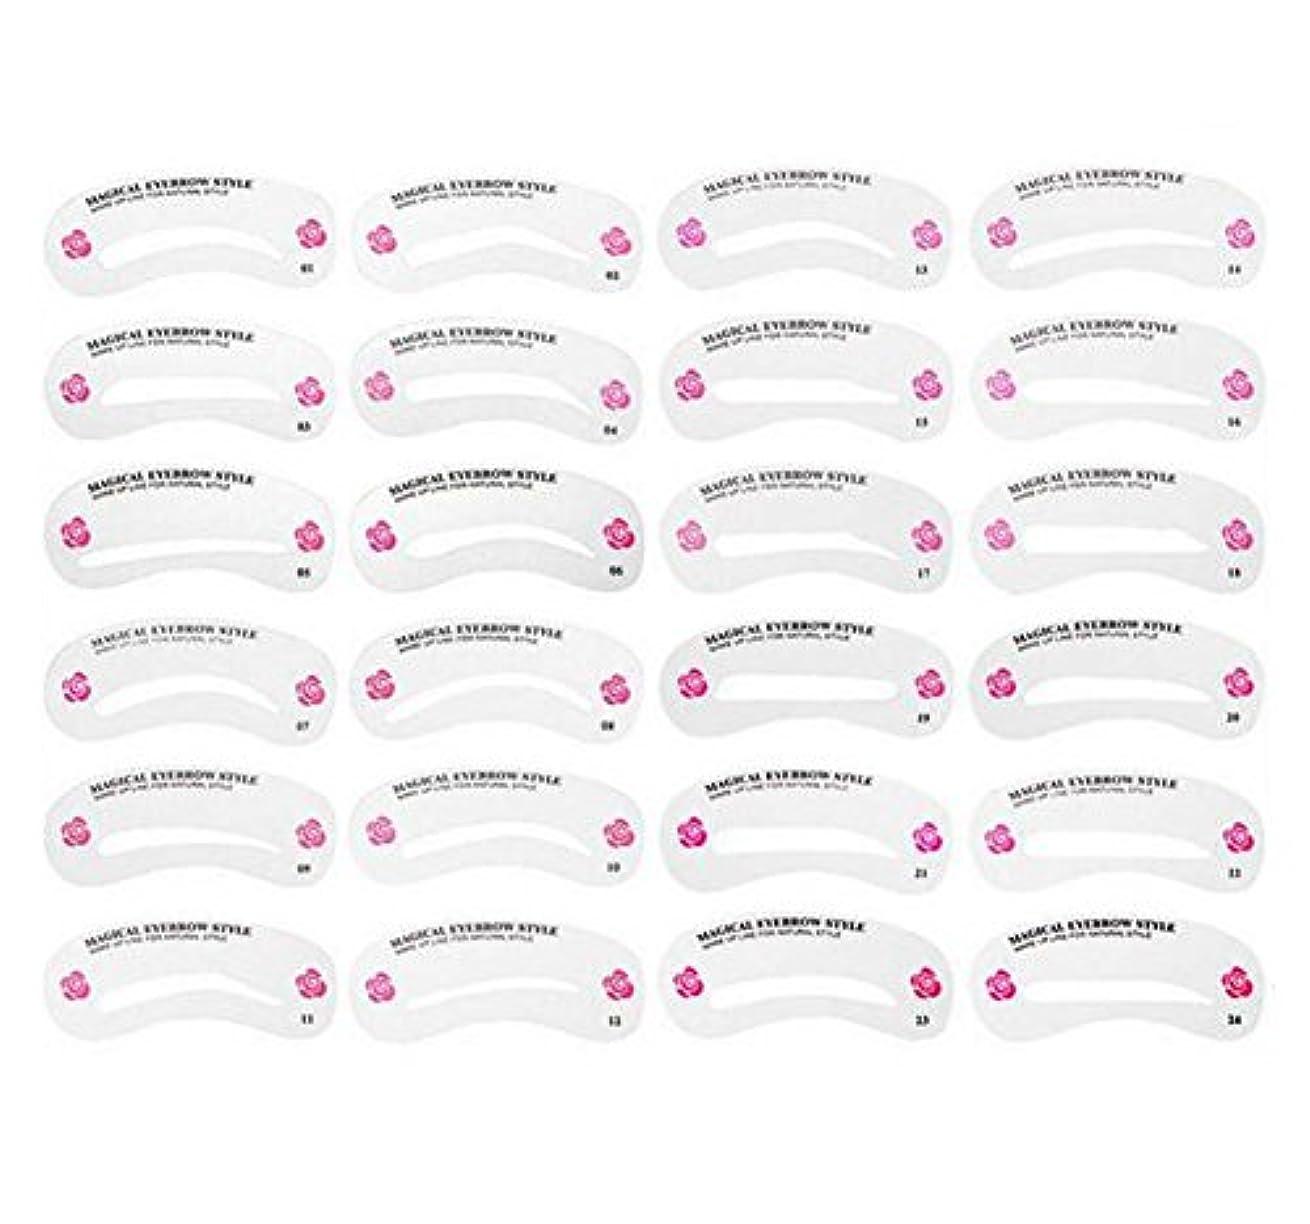 怖がらせるチューブ呼吸する24PCS 眉毛ステンシル眉毛グルーミングステンシルカードキットソフトマジック簡単メイクシェーピングテンプレートDIY美容女性女の子のためのツールとレディース-24スタイル